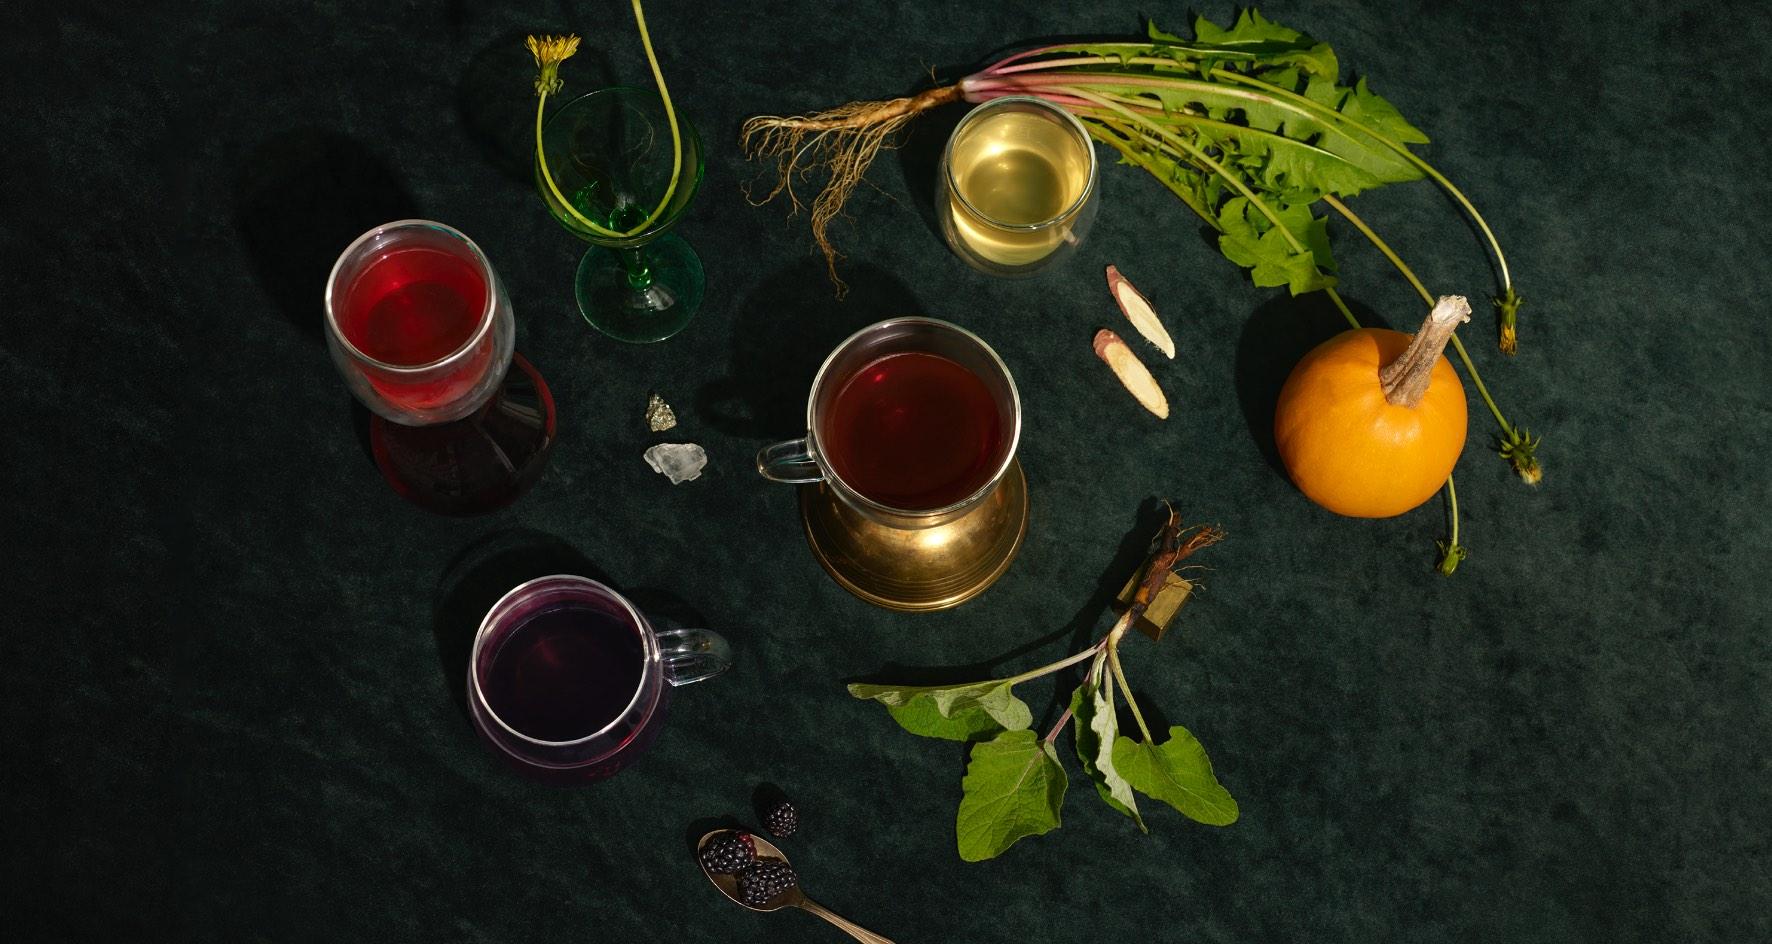 Quatre tasses en verre remplies de thés naturels contenant des ingrédients mieux-être traditionnels: bardane, racine de pissenlit, mûres.